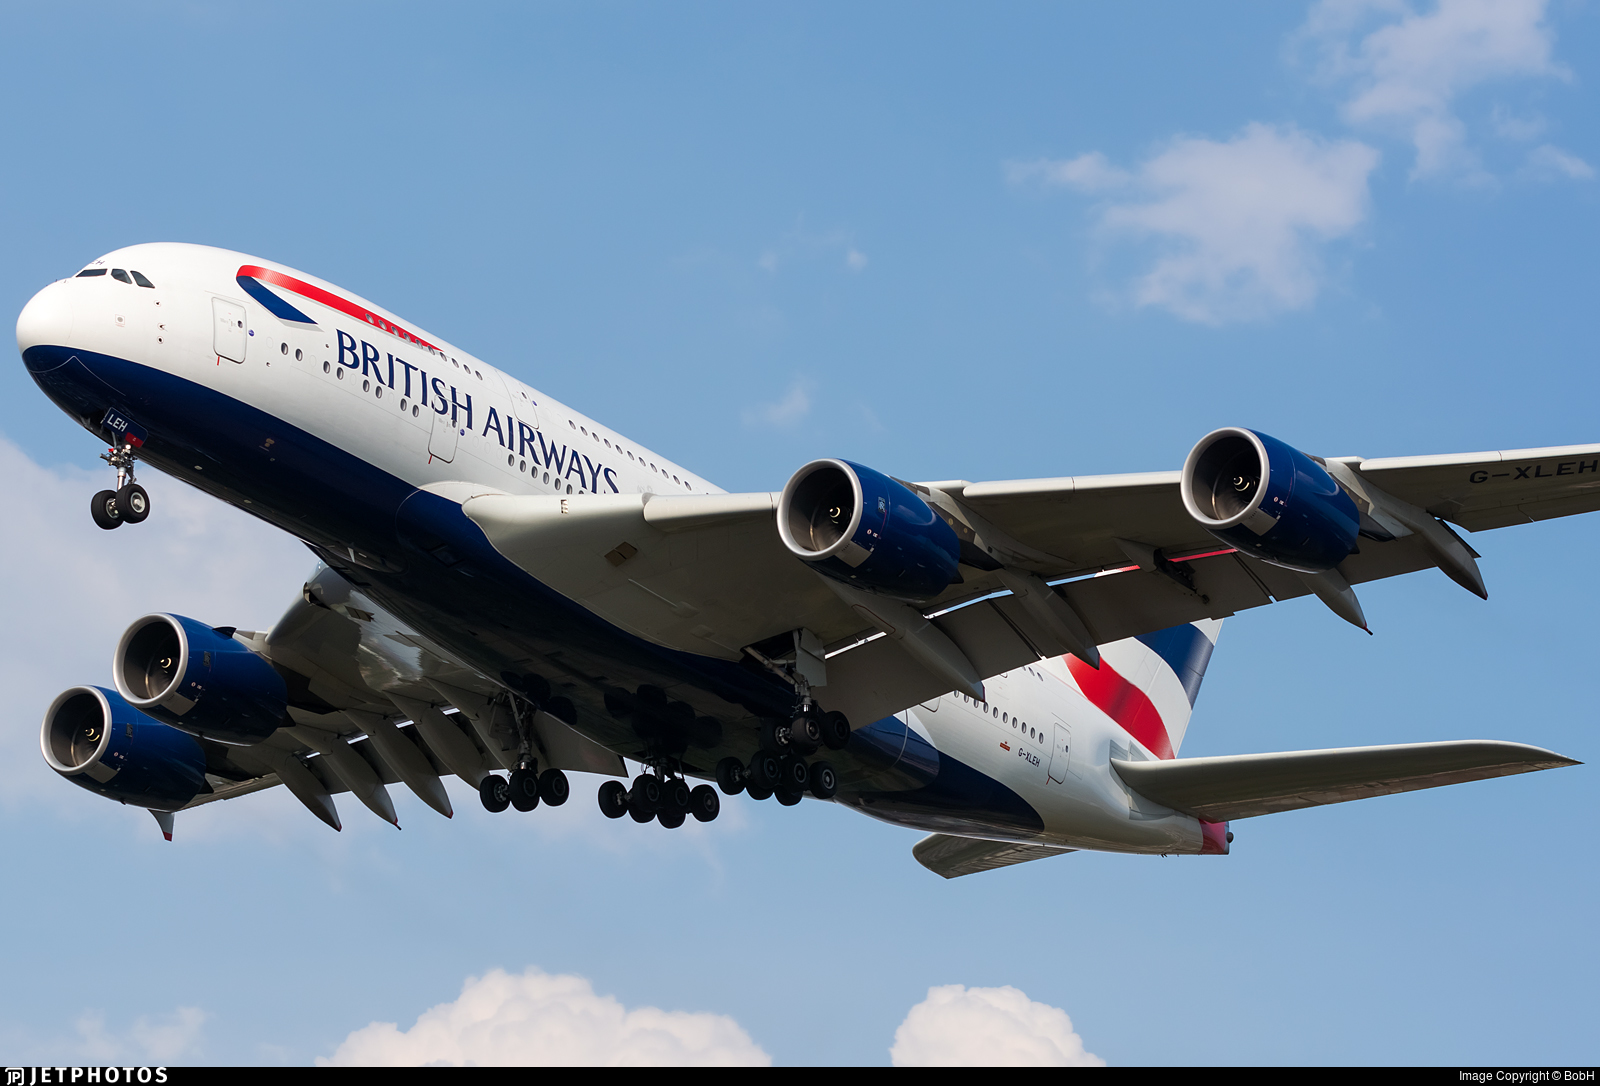 G-XLEH - Airbus A380-841 - British Airways